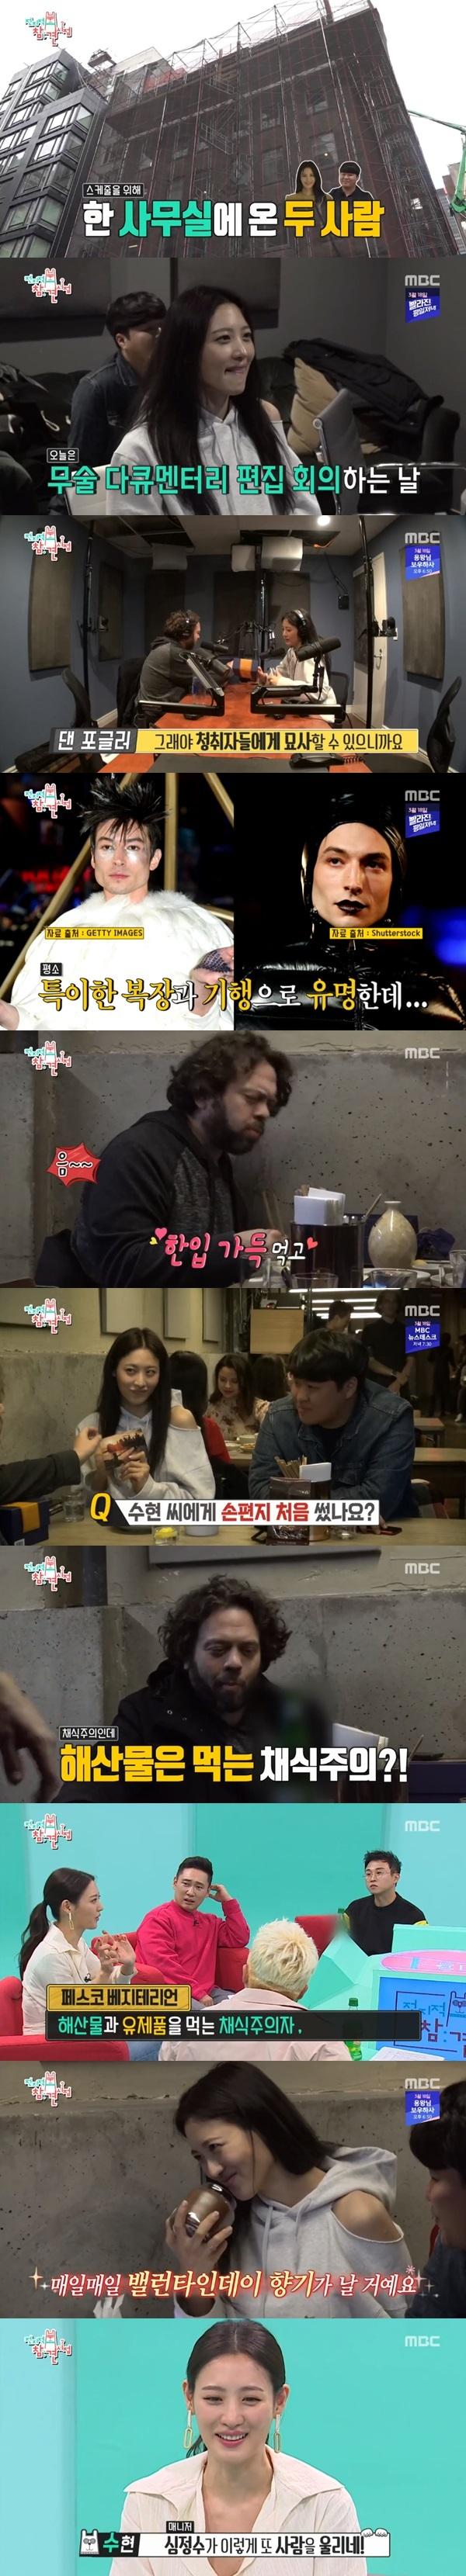 [RE:TV]'전참시' 수현, 할리우드 인맥 공개…매니저 손편지 눈물